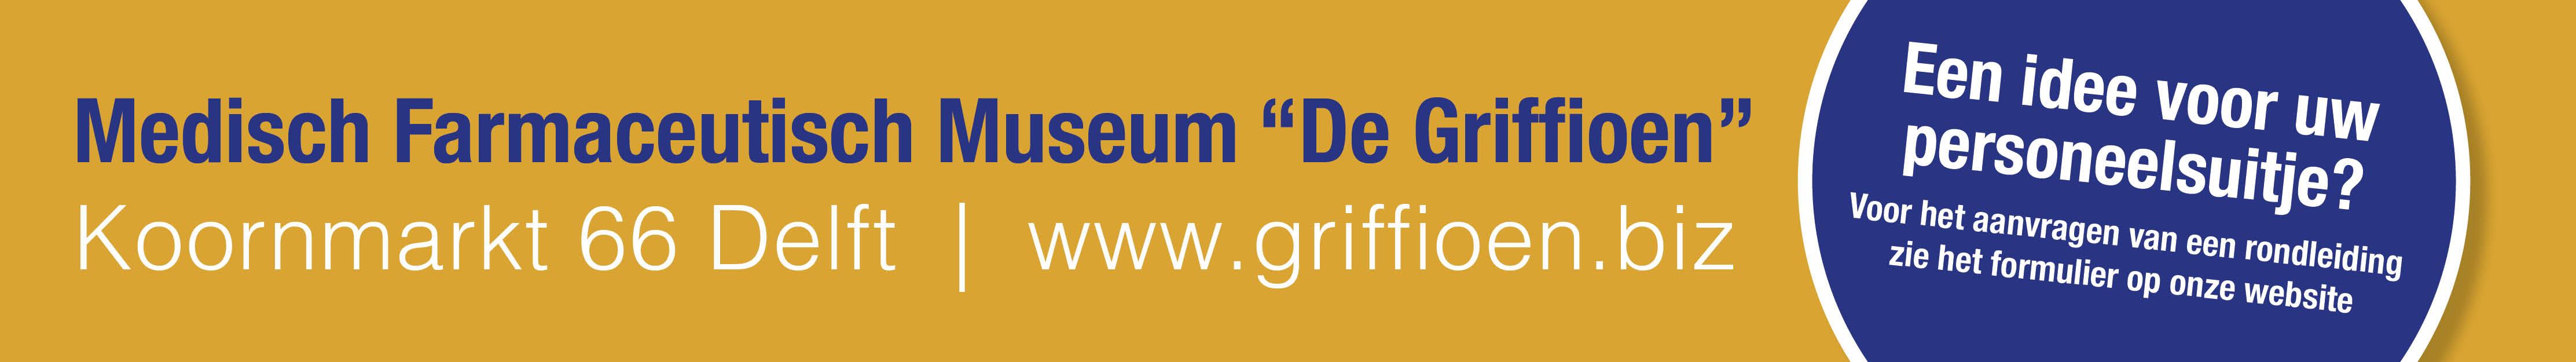 Museum De Griffioen